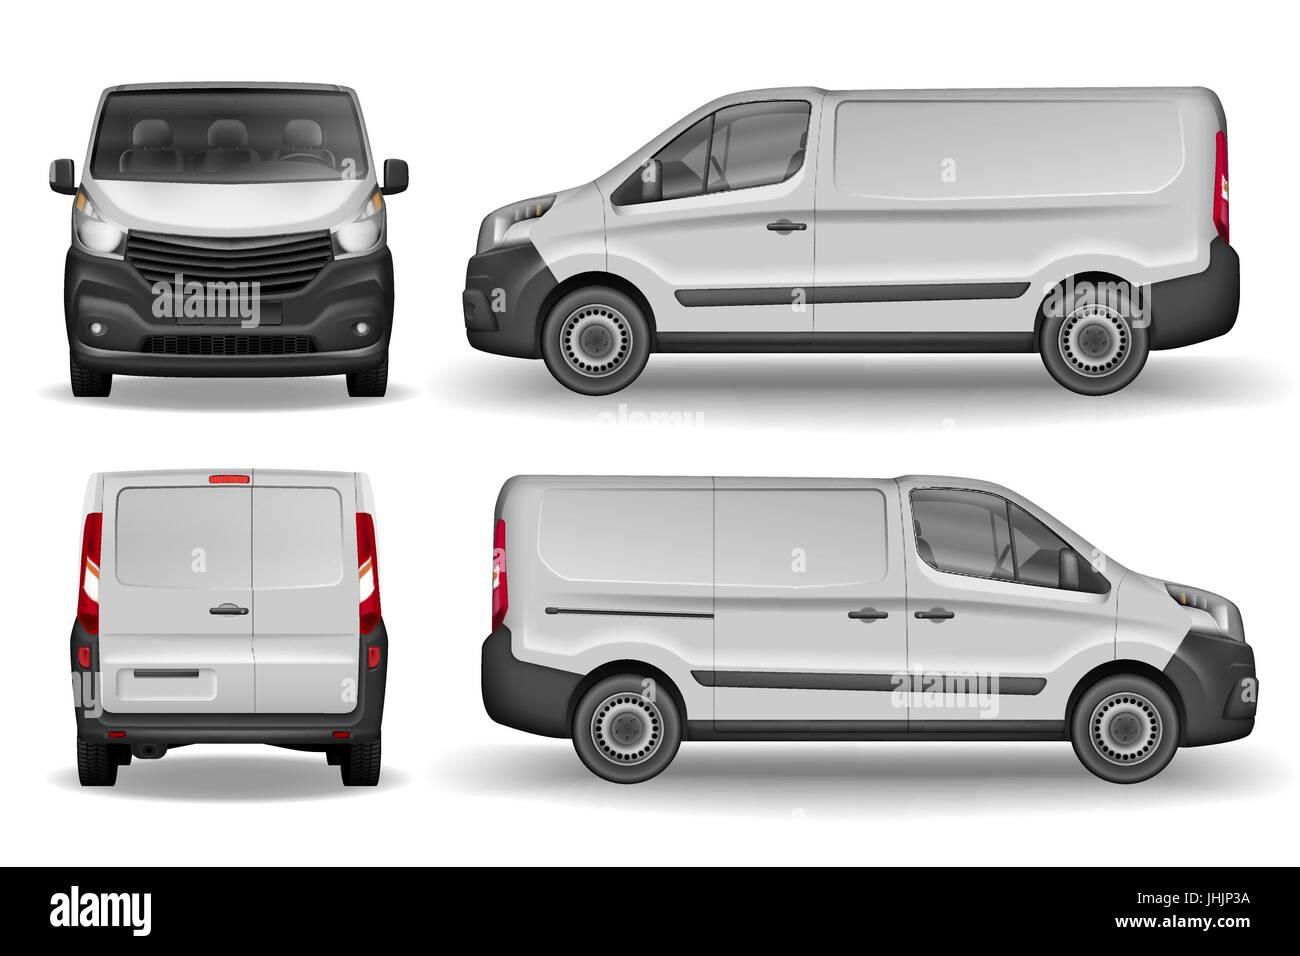 Fantastisch Nutzfahrzeug Design Vorlagen Fotos - Beispiel Business ...